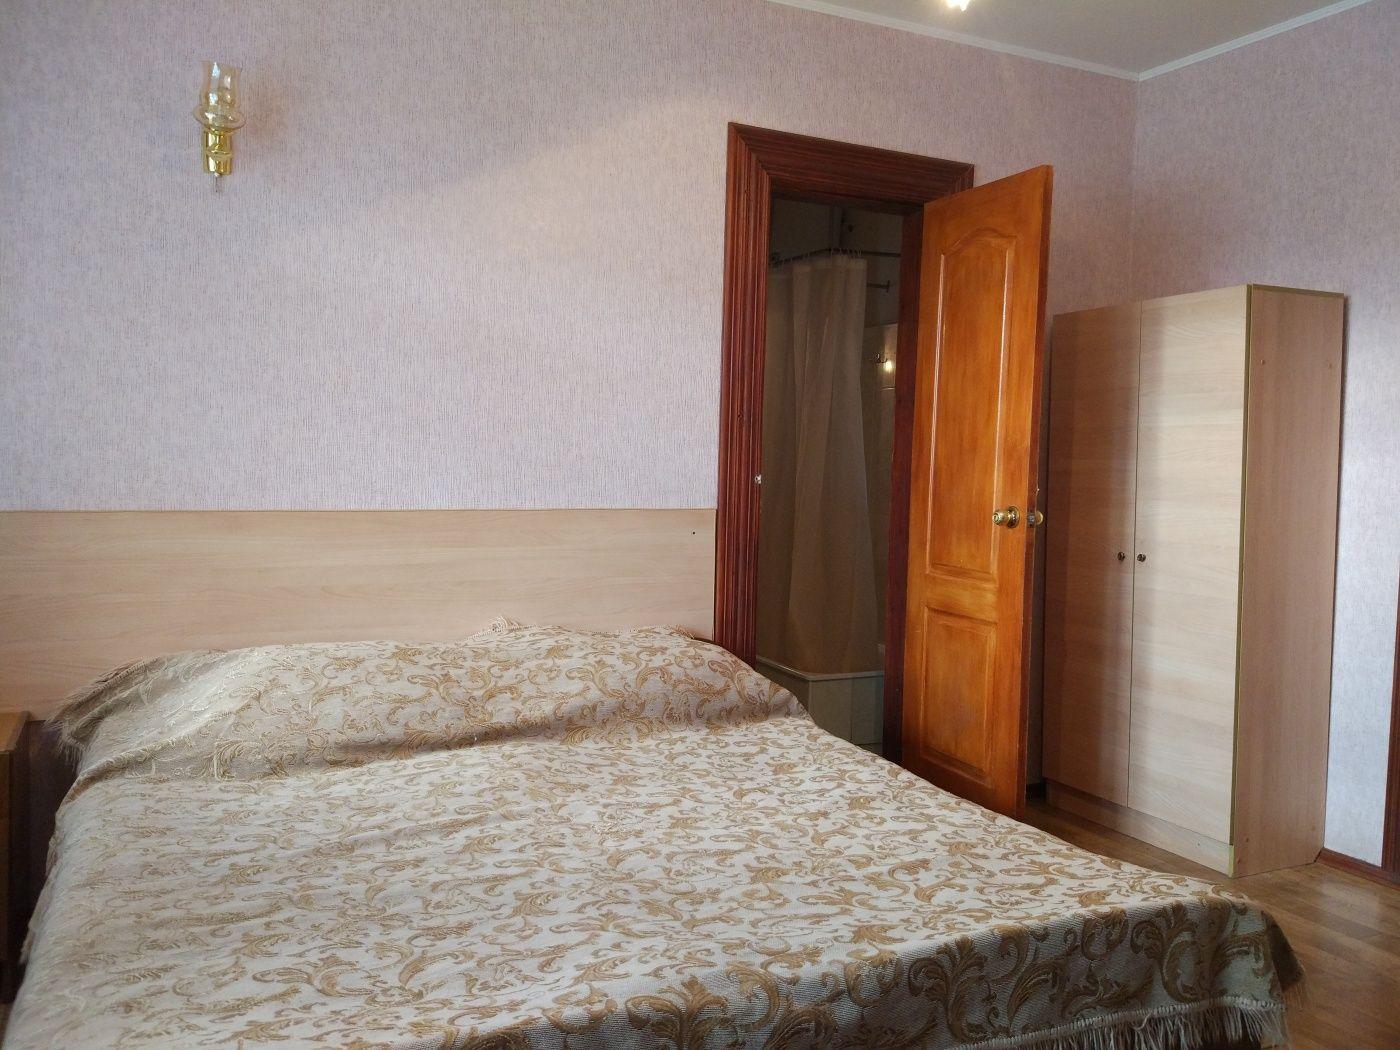 Турбаза «Домостроитель» Саратовская область 2-комнатный номер с удобствами (корпус № 1), фото 2